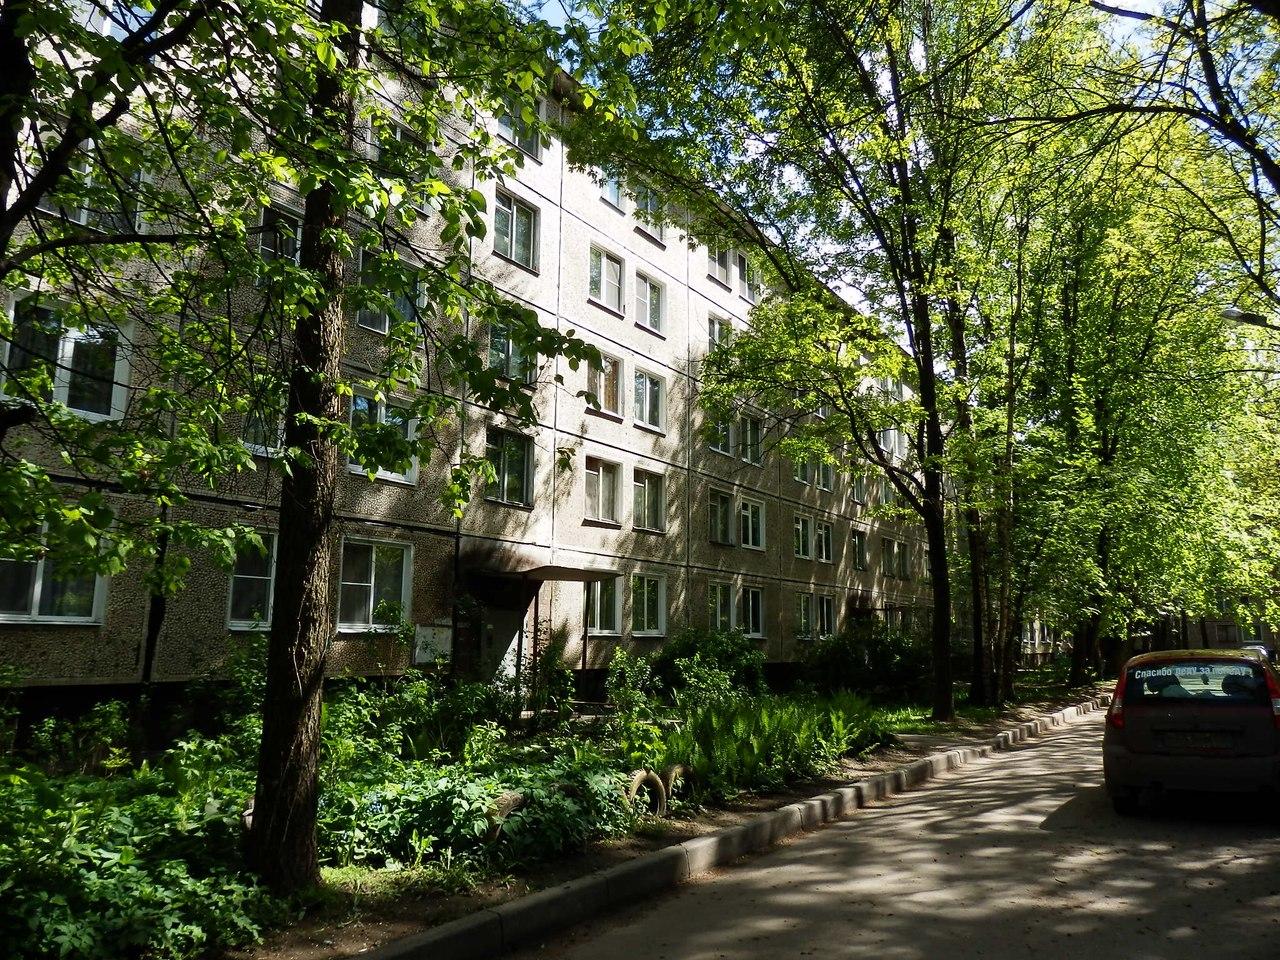 Продается уютная 2 ком. квартира в зеленом и чистом районе Колпино ZRy72A-lQU8